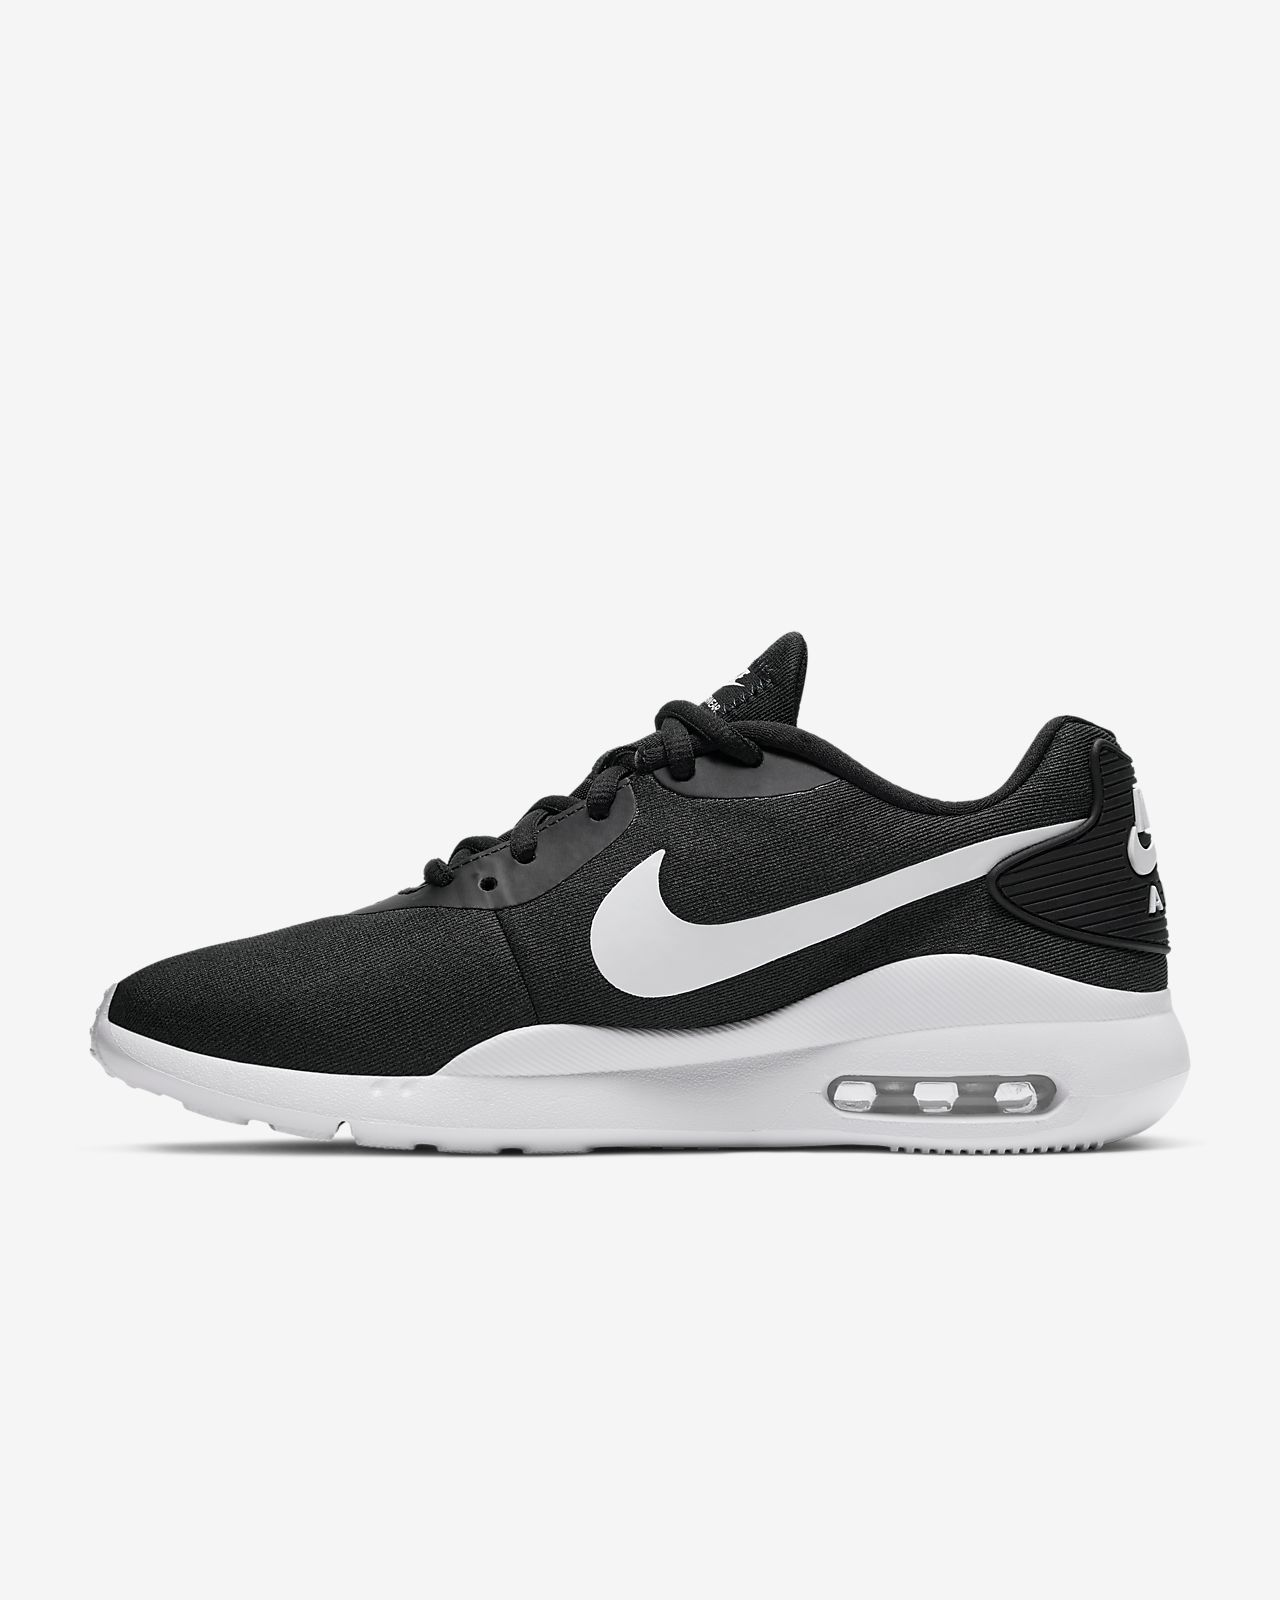 Nike Air Max Oketo WNTR 女子运动鞋